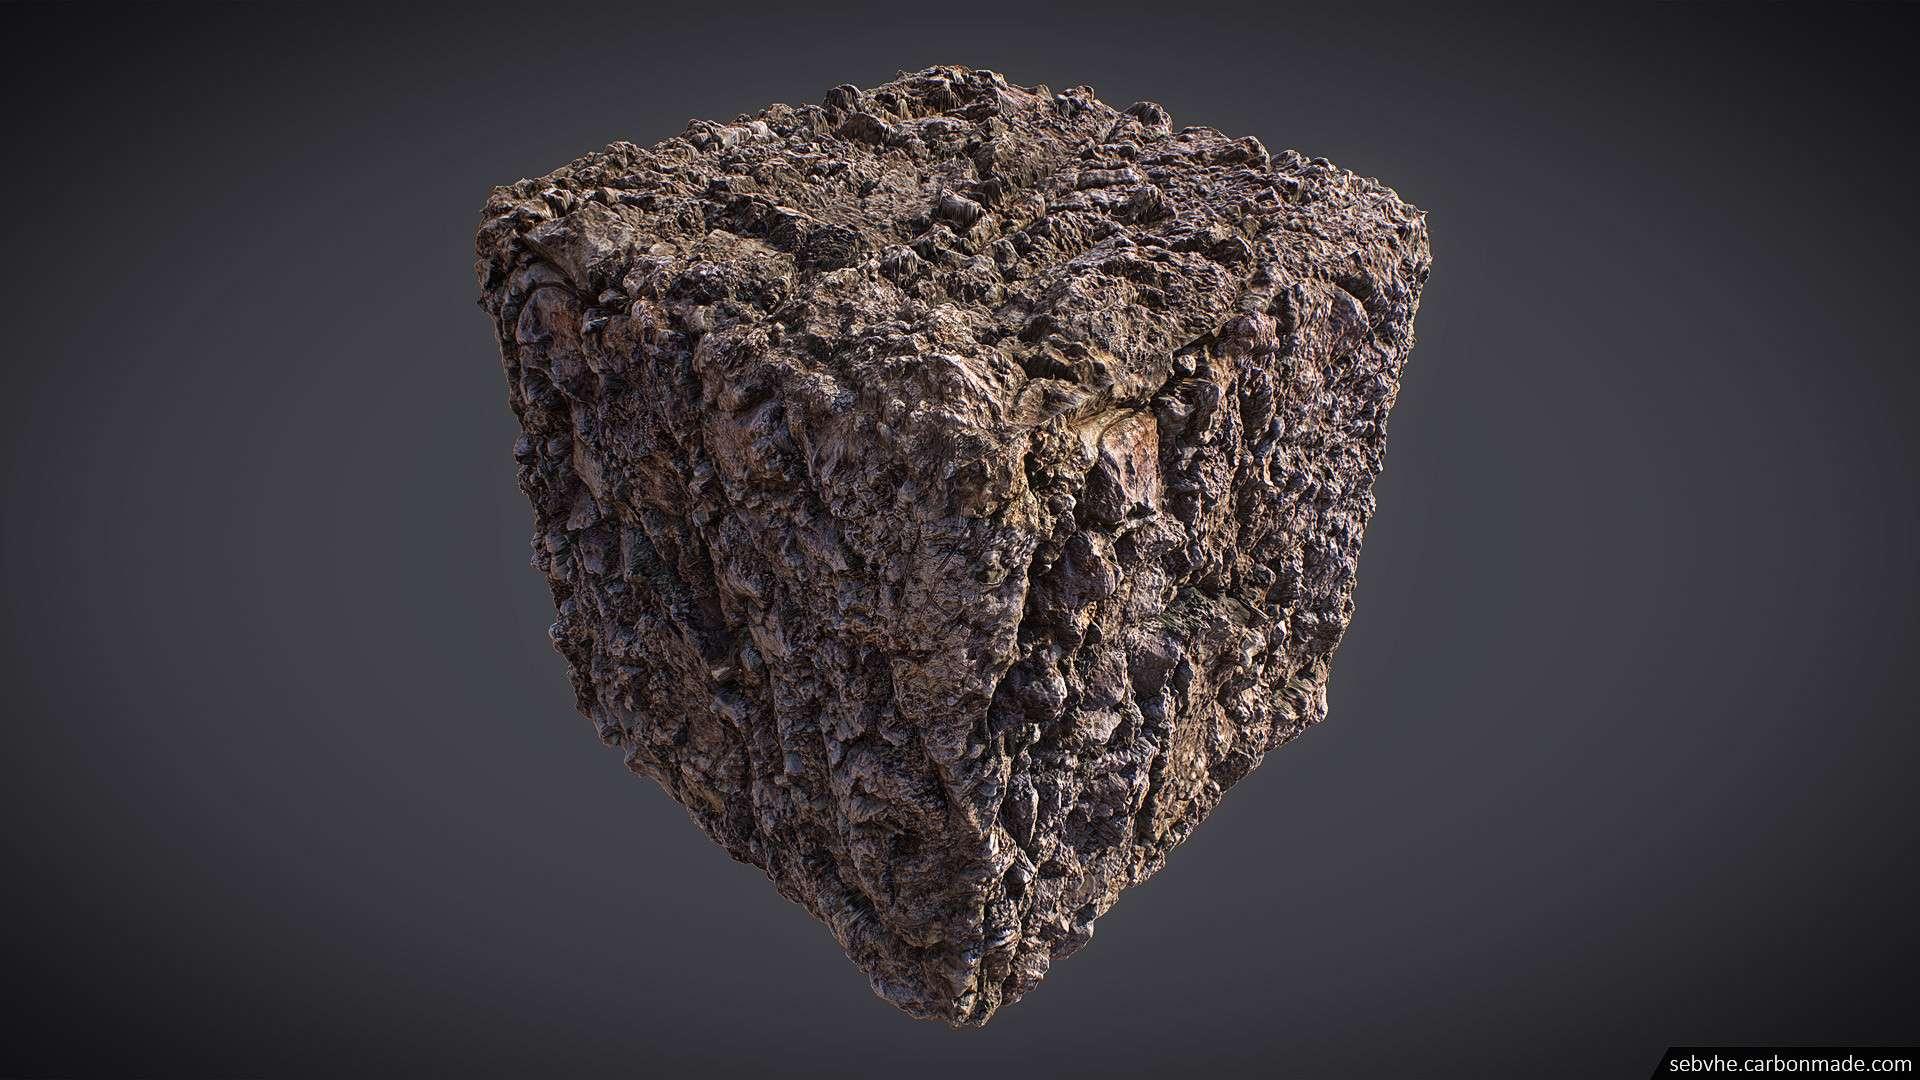 Створення каміння для ігор за допомогою фотограмметрії. Частина 2